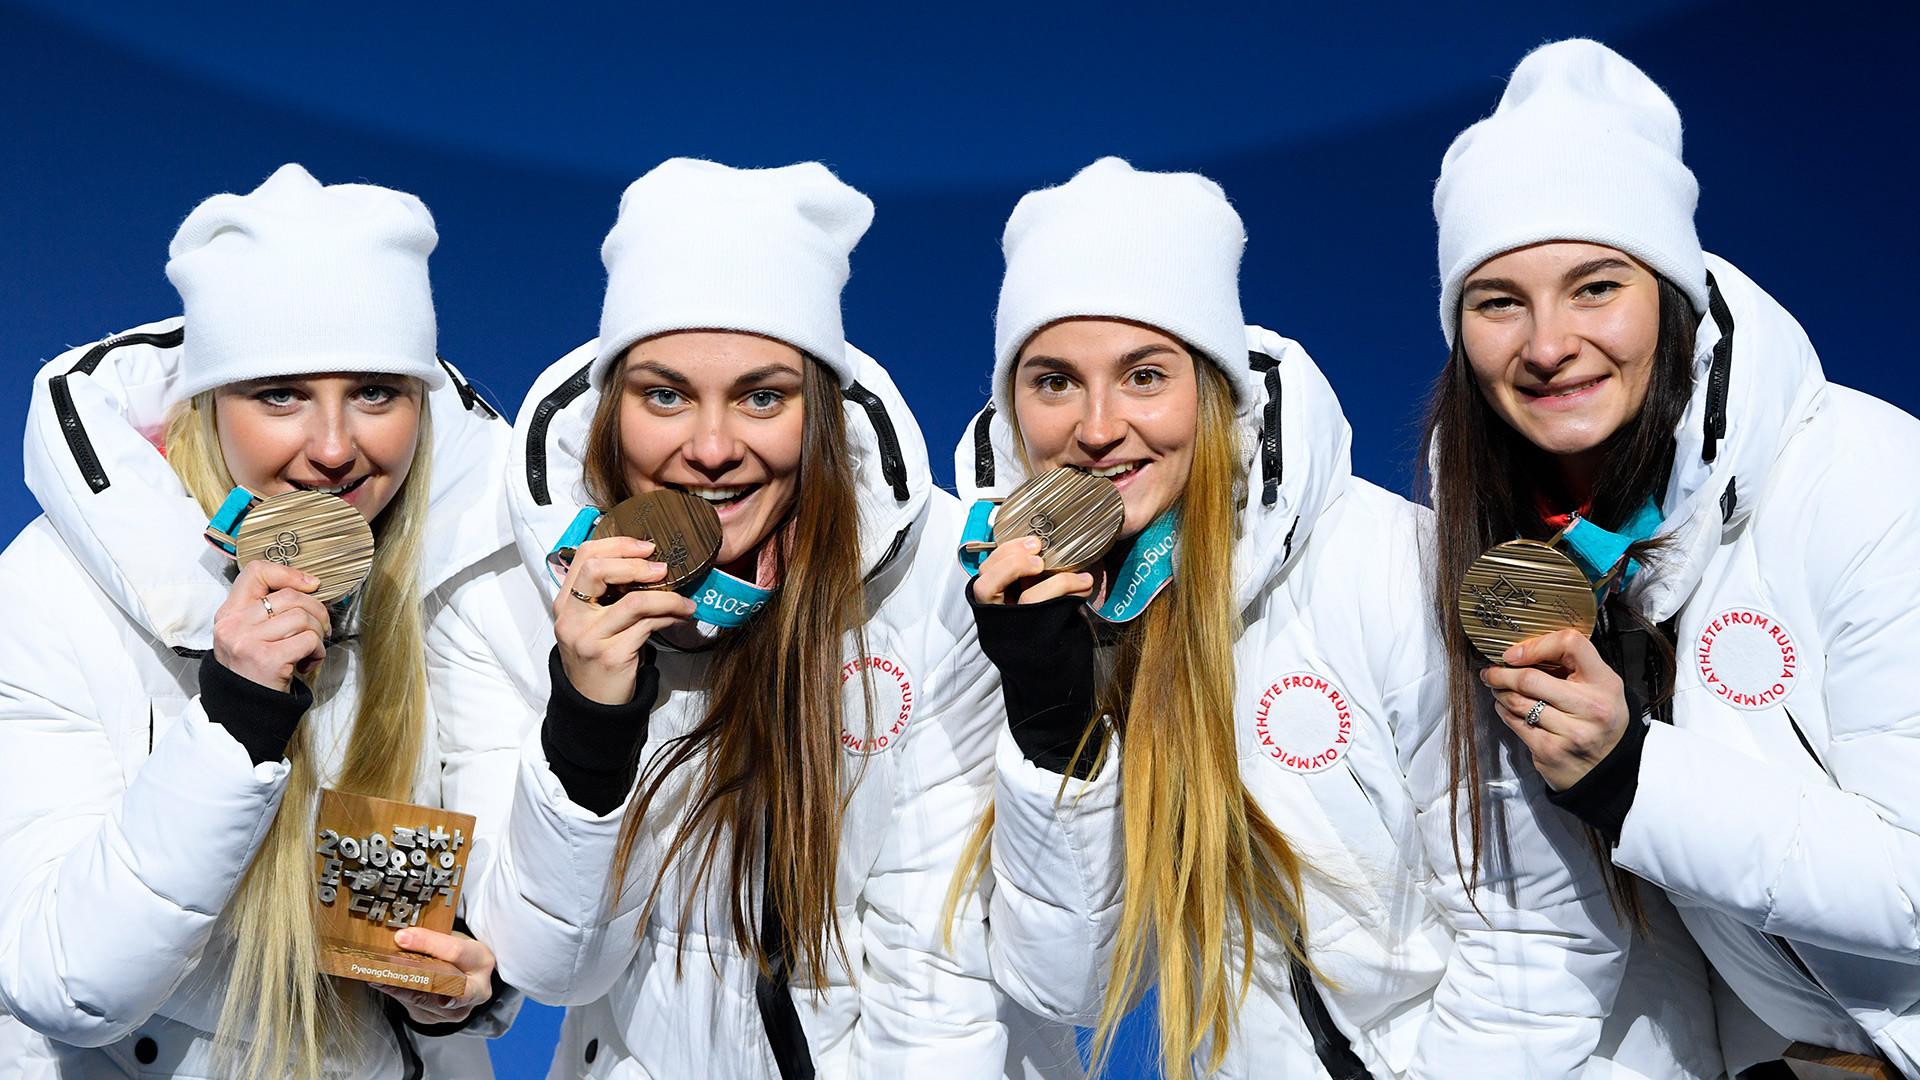 Od desne proti levi: Natalja Neprjajeva, Julija Belorukova, Anastasija Sedova in Anna Nečajevskaja.